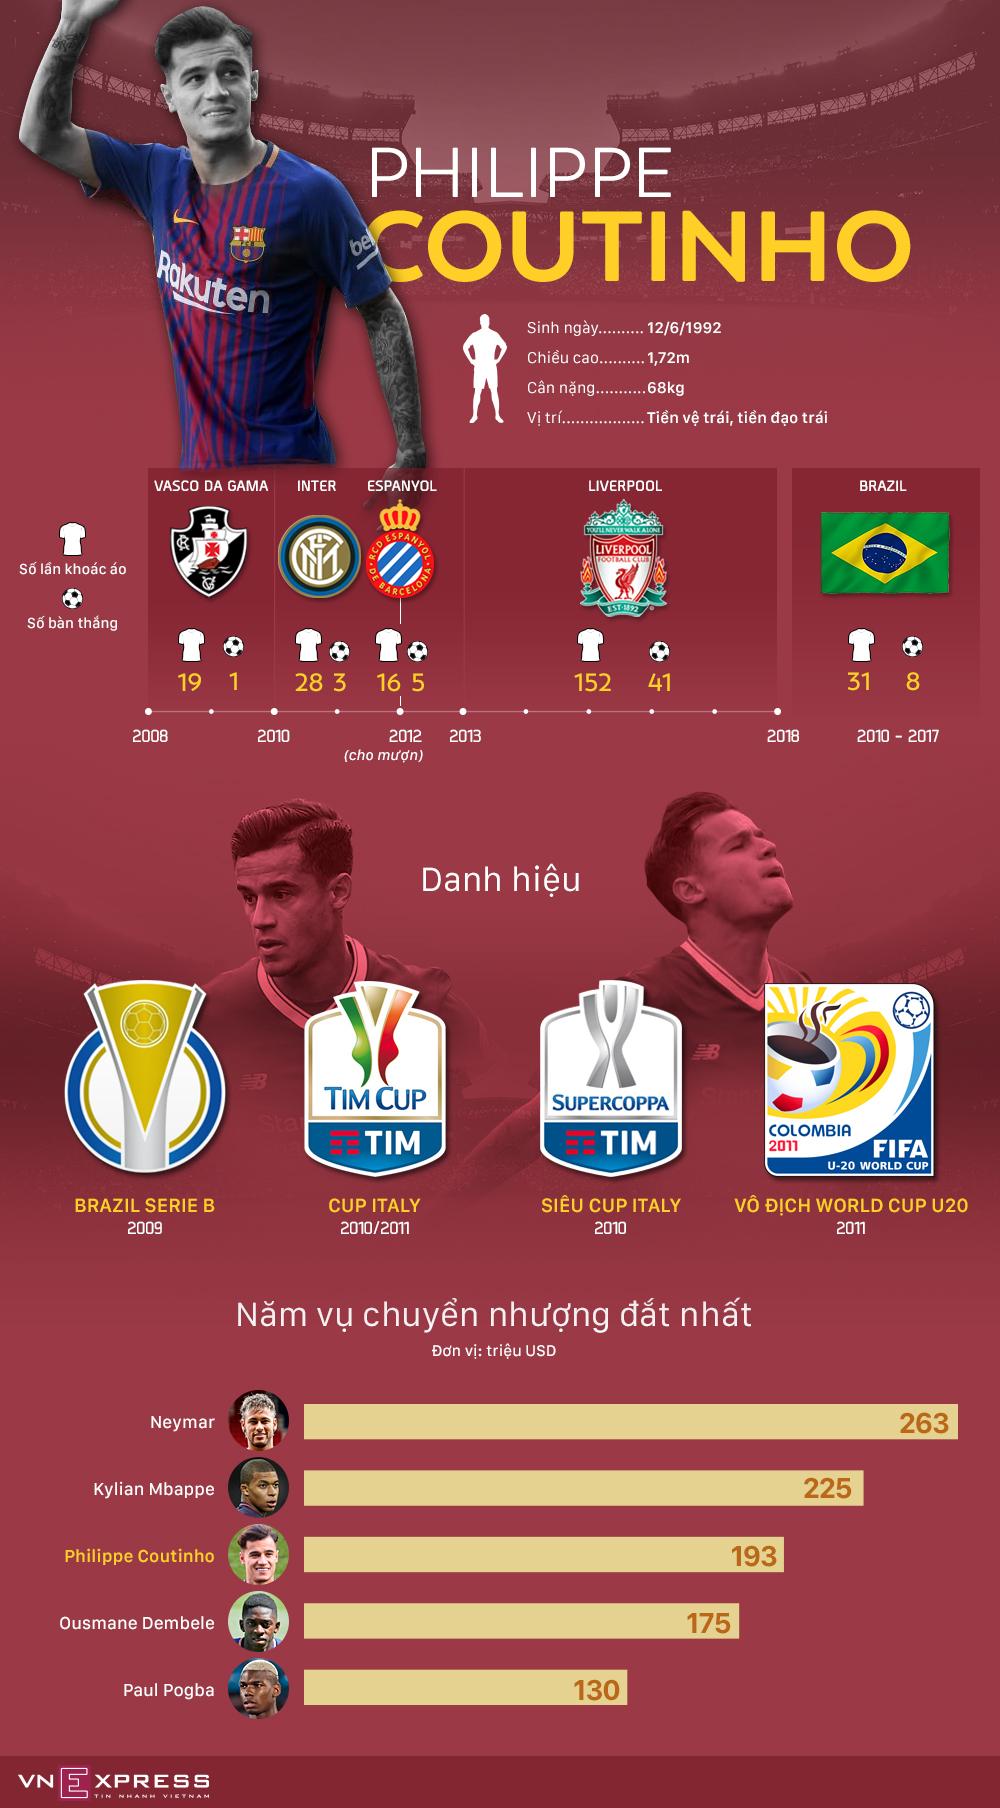 Hành trình đưa Coutinho trở thành cầu thủ đắt giá nhất lịch sử Barca